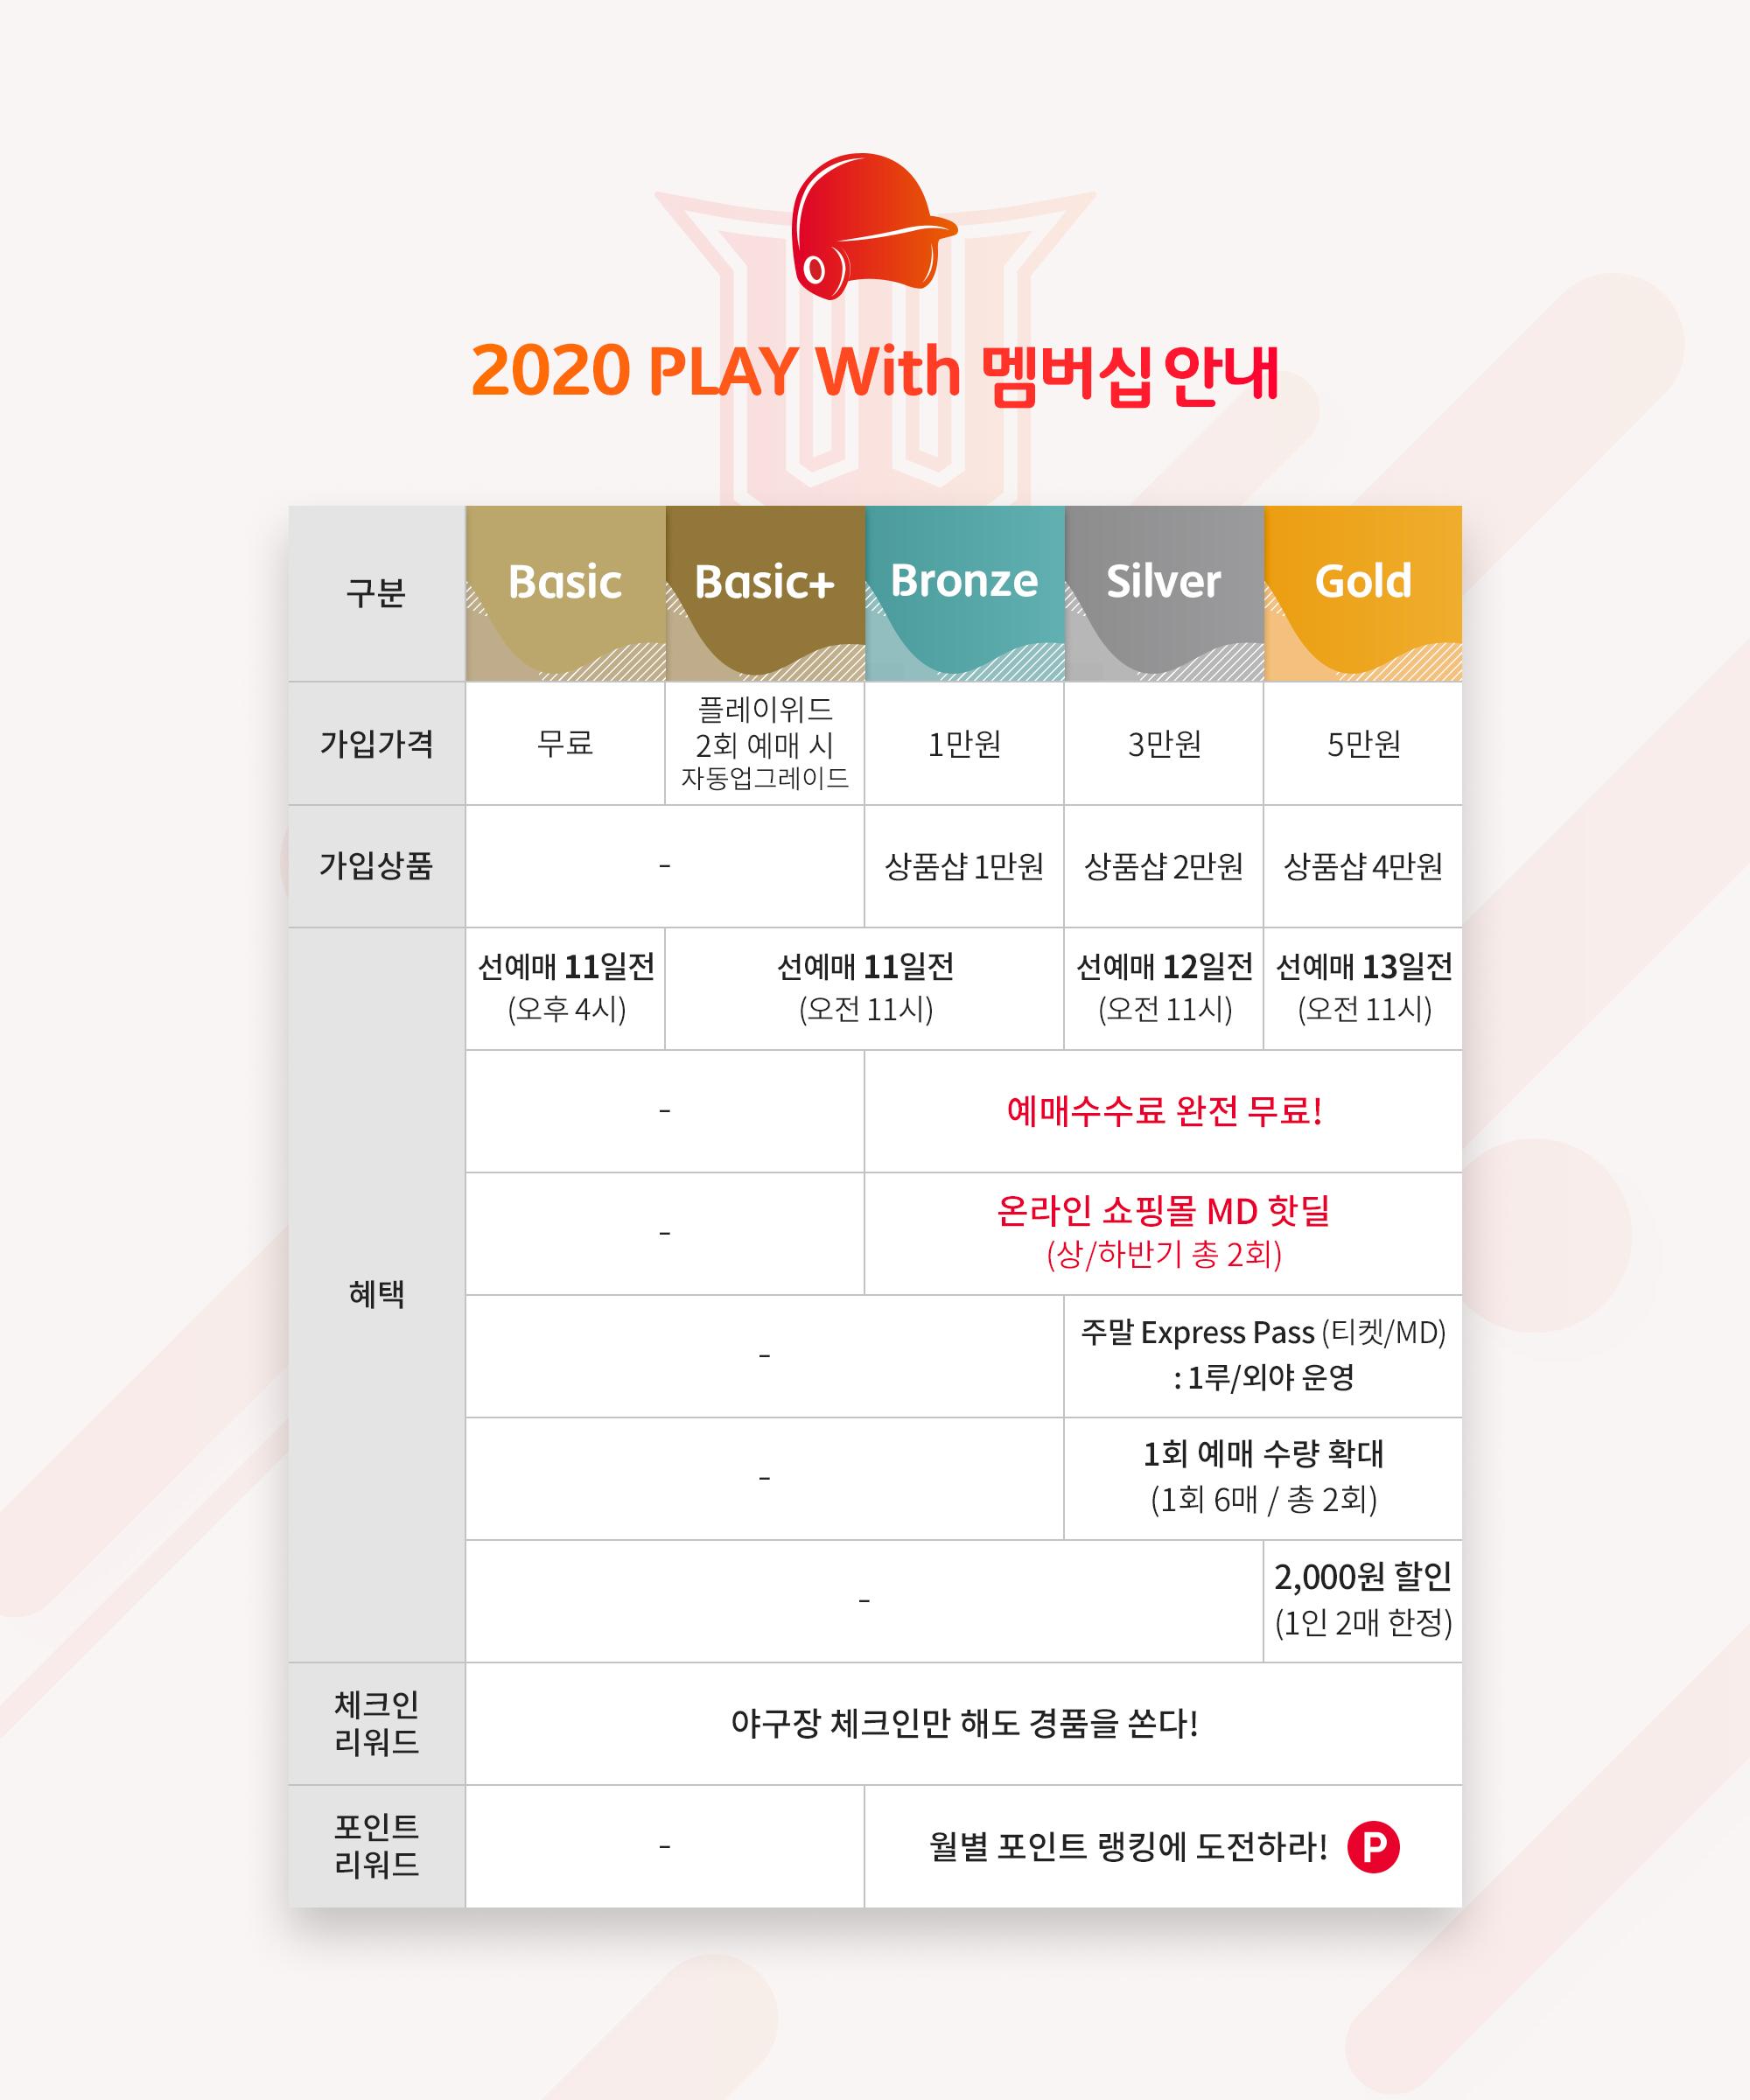 SK, 2020시즌 '플레이위드' 멤버십 회원 모집.jpg